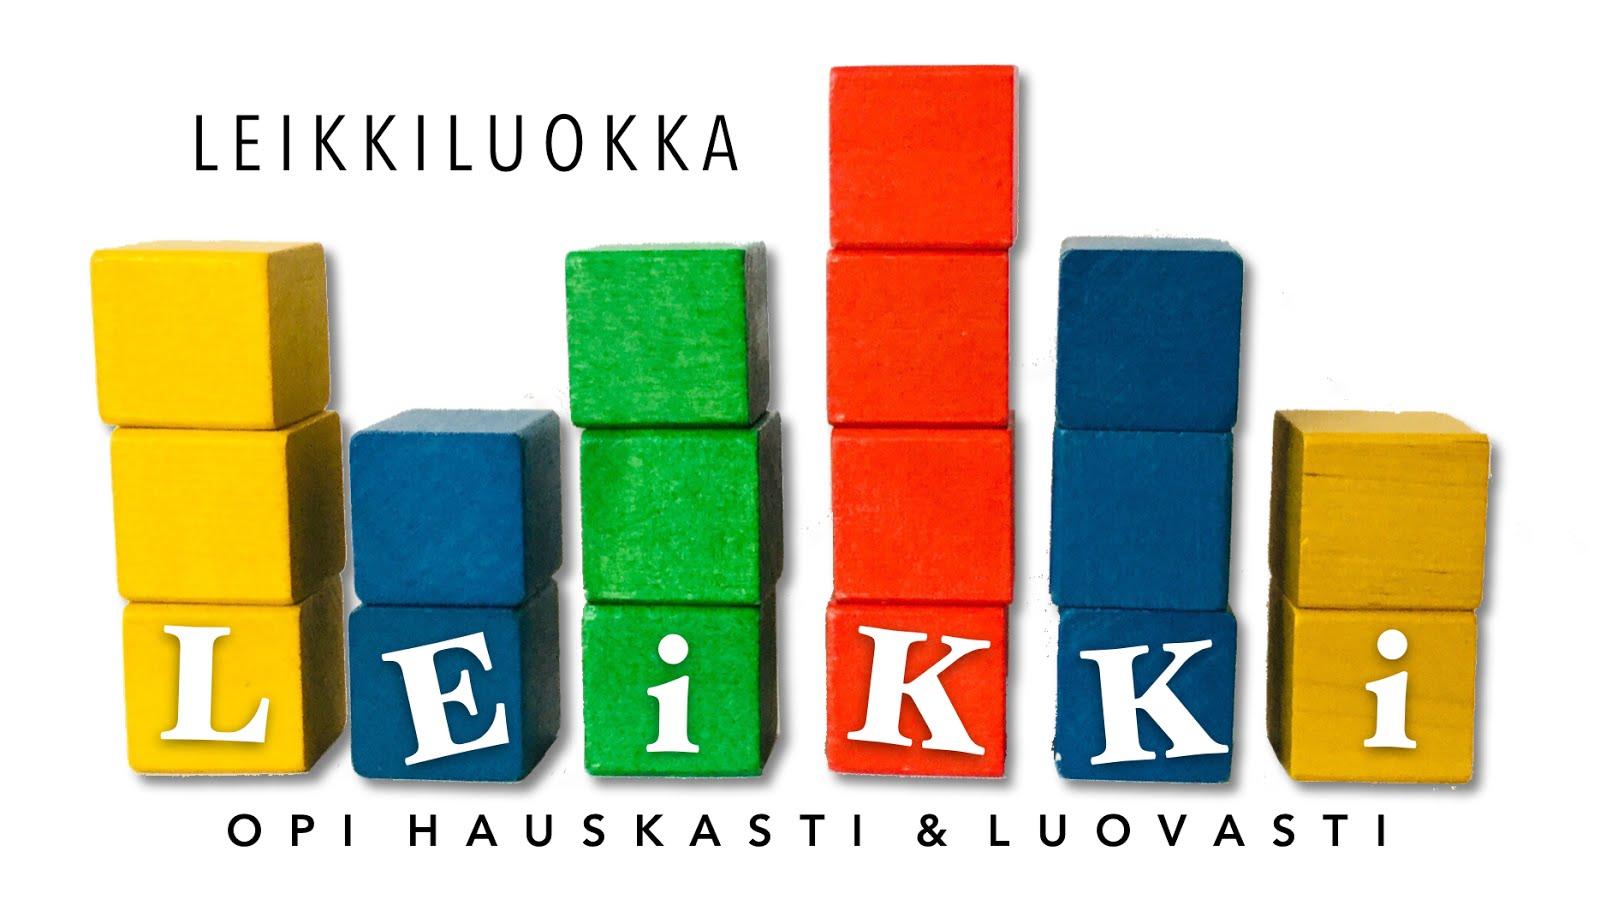 LEIKKILUOKKA